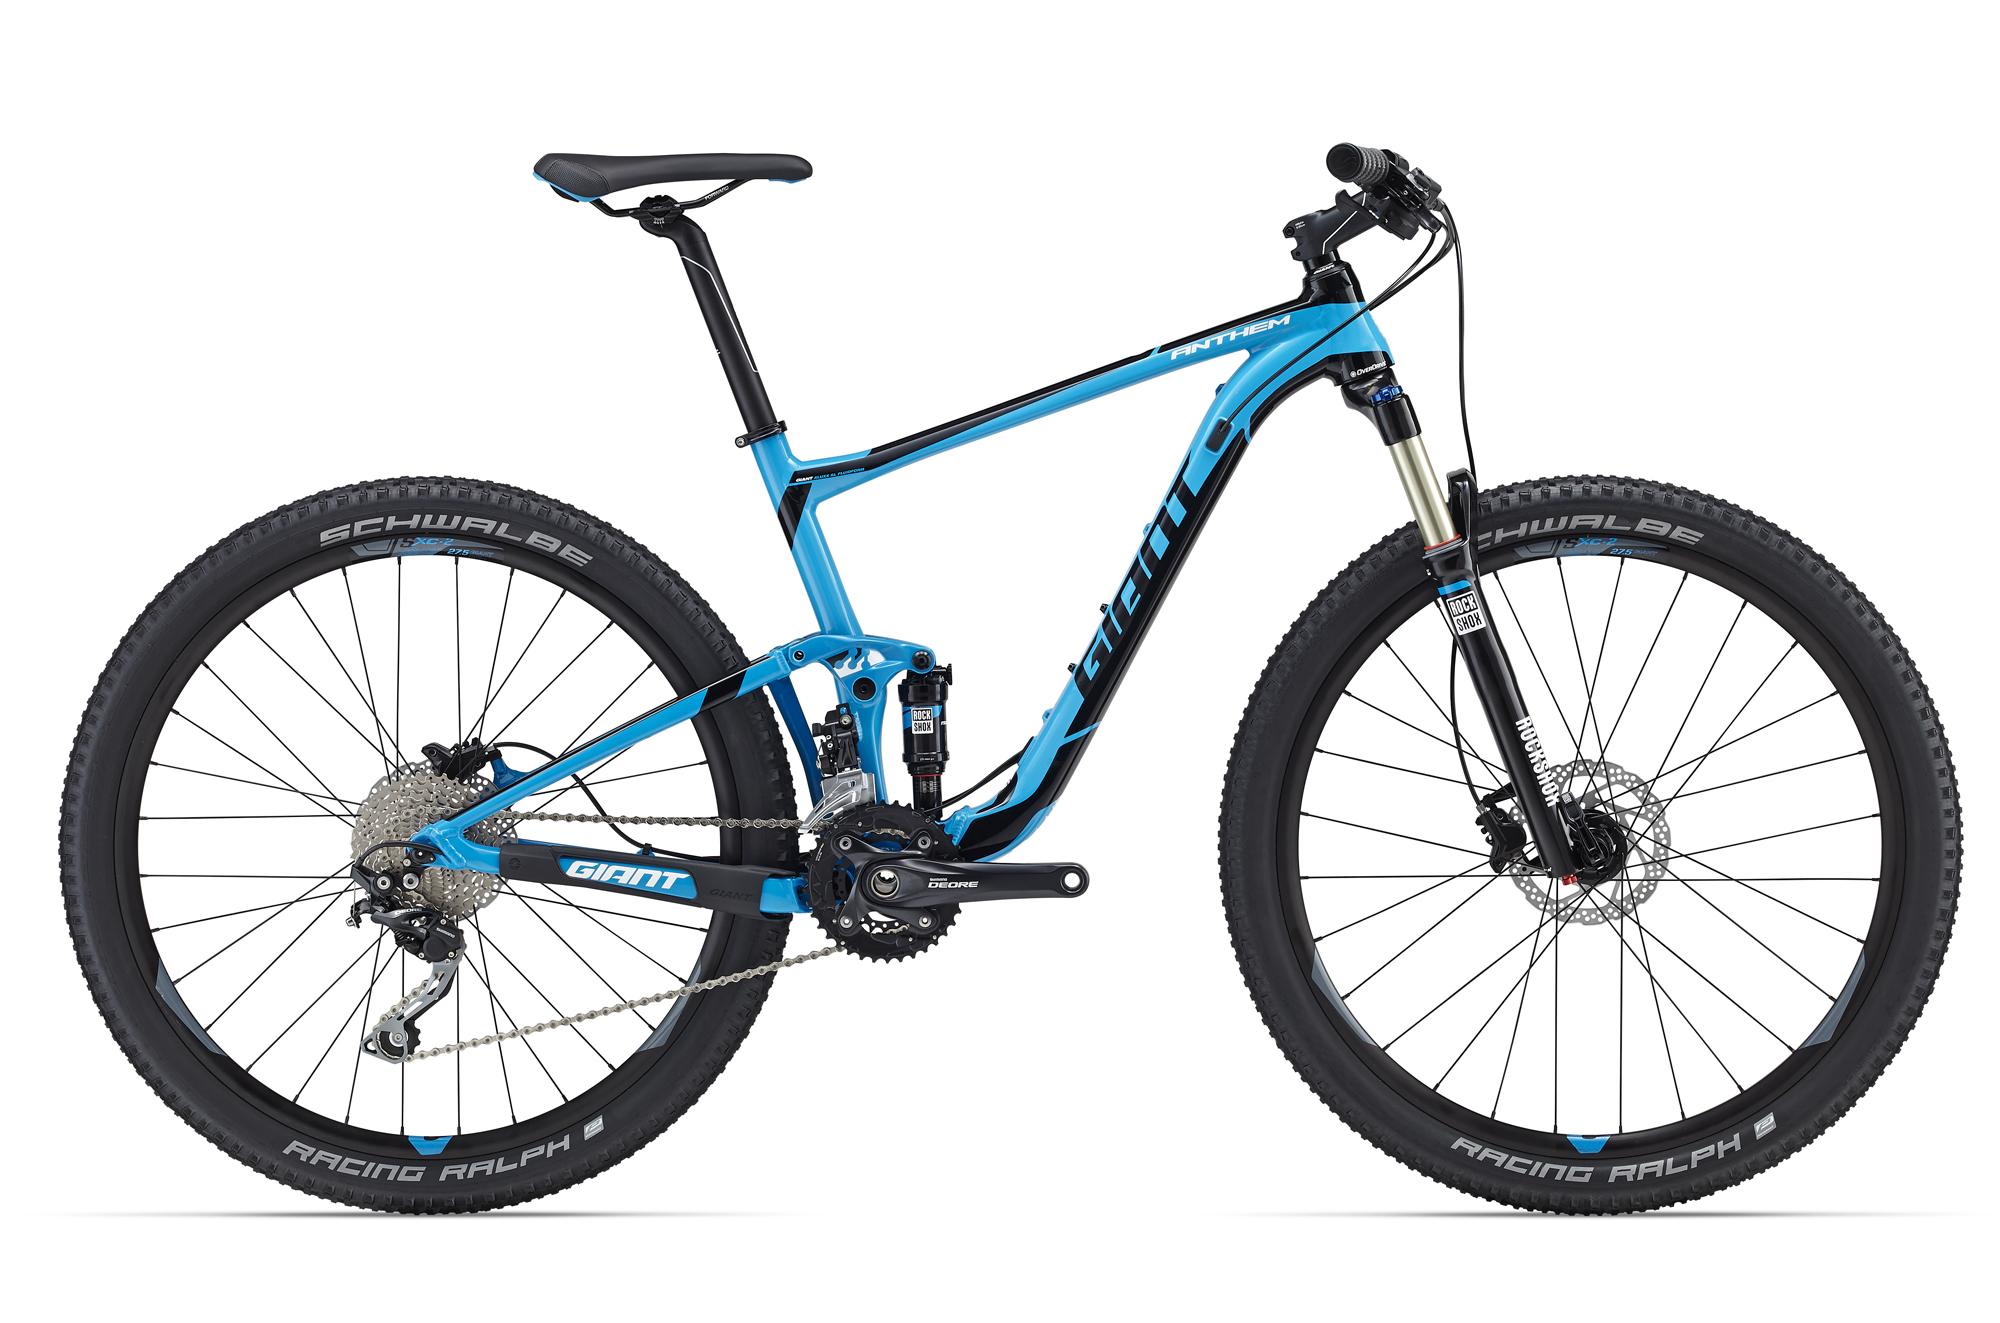 Велосипед Giant Anthem 27.5 3 2016 BLUE / Синий, Двухподвесы, 1262277  - купить со скидкой